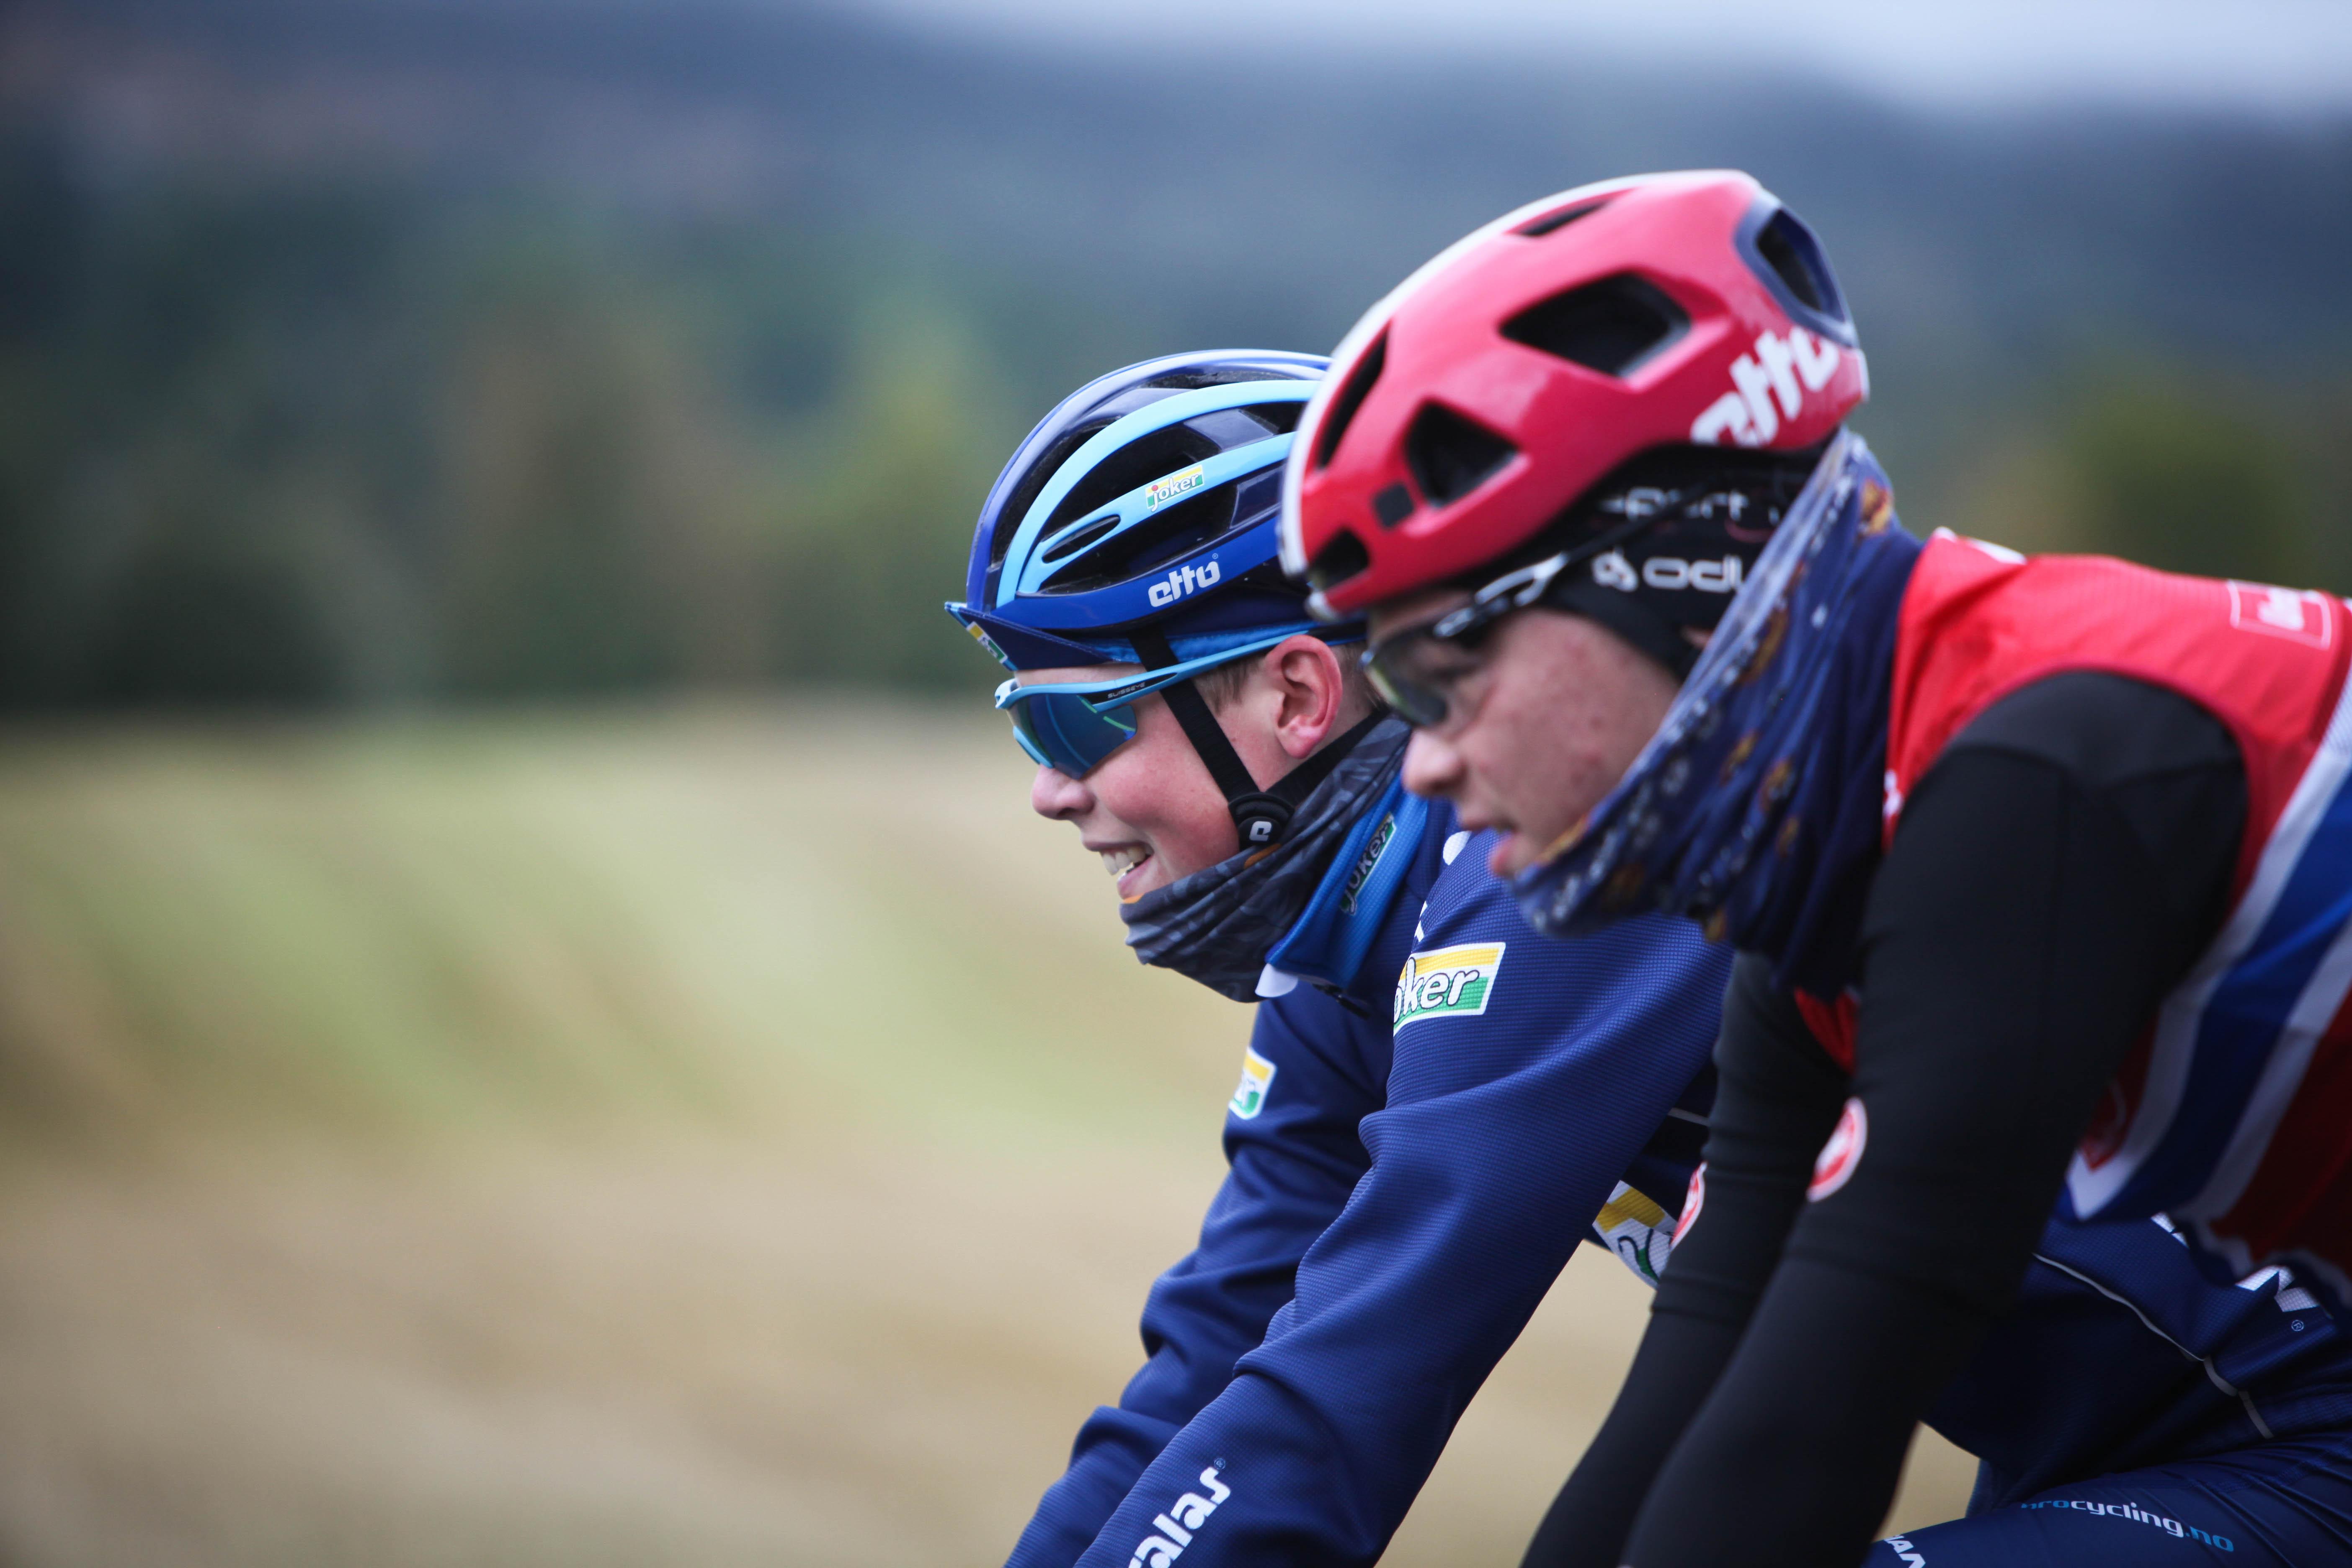 Godt kameratskap: Fra sin base på Lillehammer er Skaarseth blitt godt kjent på det lokale vei- og sti-nettet. Gjerne sammen med kamerater, som Tobias Foss. Foto: Sykkelmagasinet